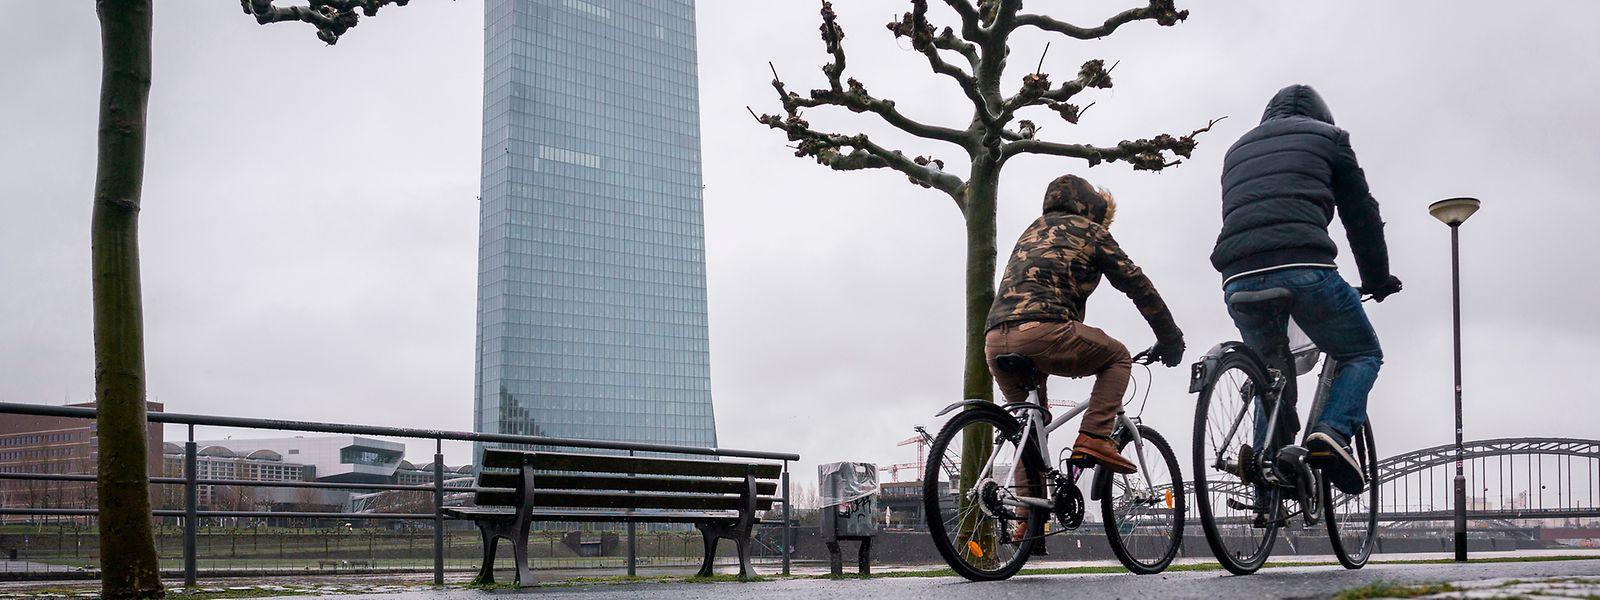 Die EZB hat ihren Sitz in Frankfurt.